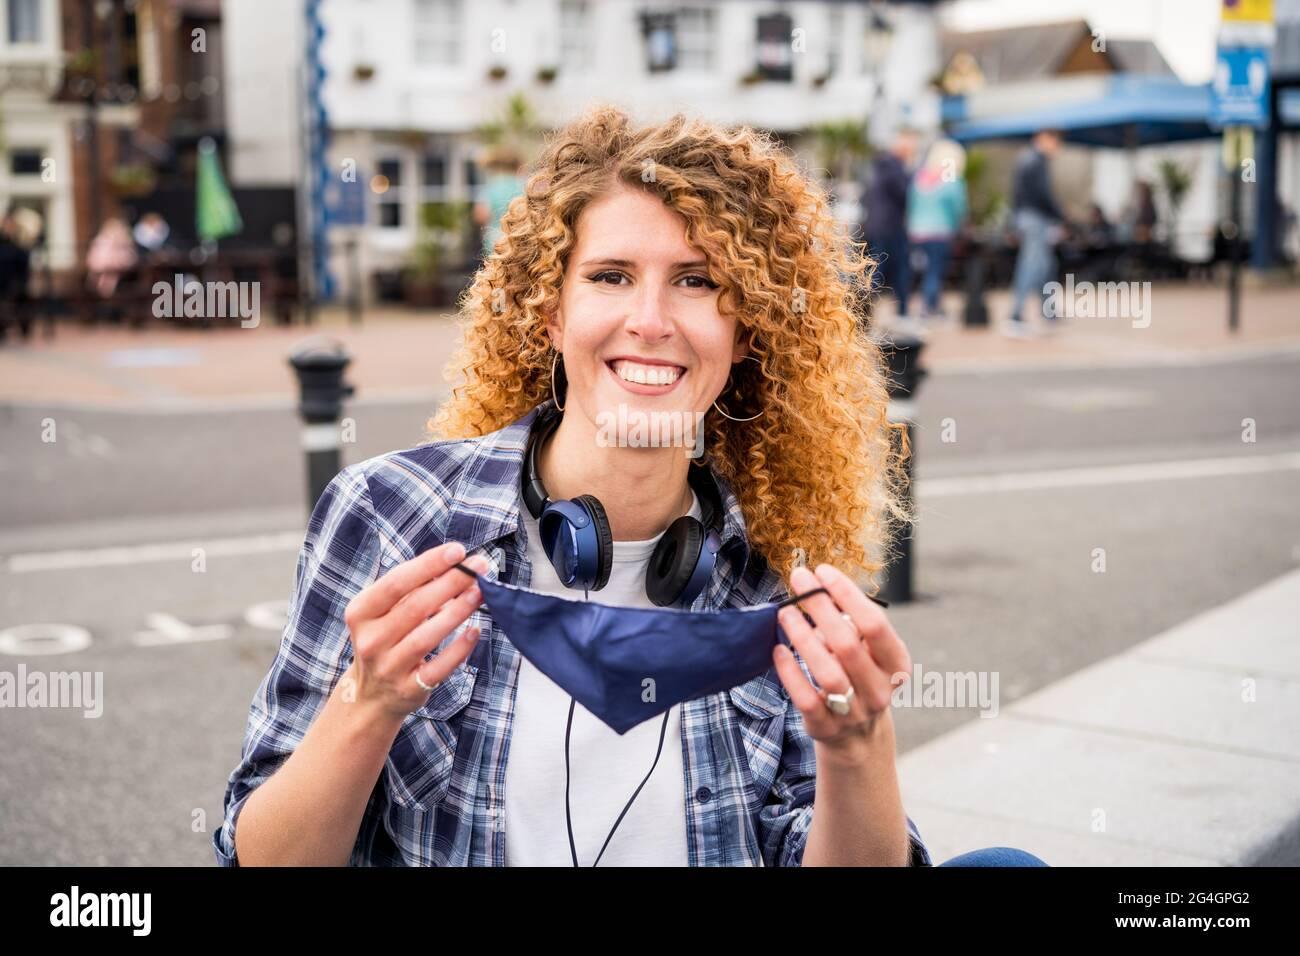 Une jeune femme caucasienne heureuse prend un masque protecteur couvrant le visage à l'extérieur sur fond de ville européenne. La pandémie Covid-19 est terminée Banque D'Images